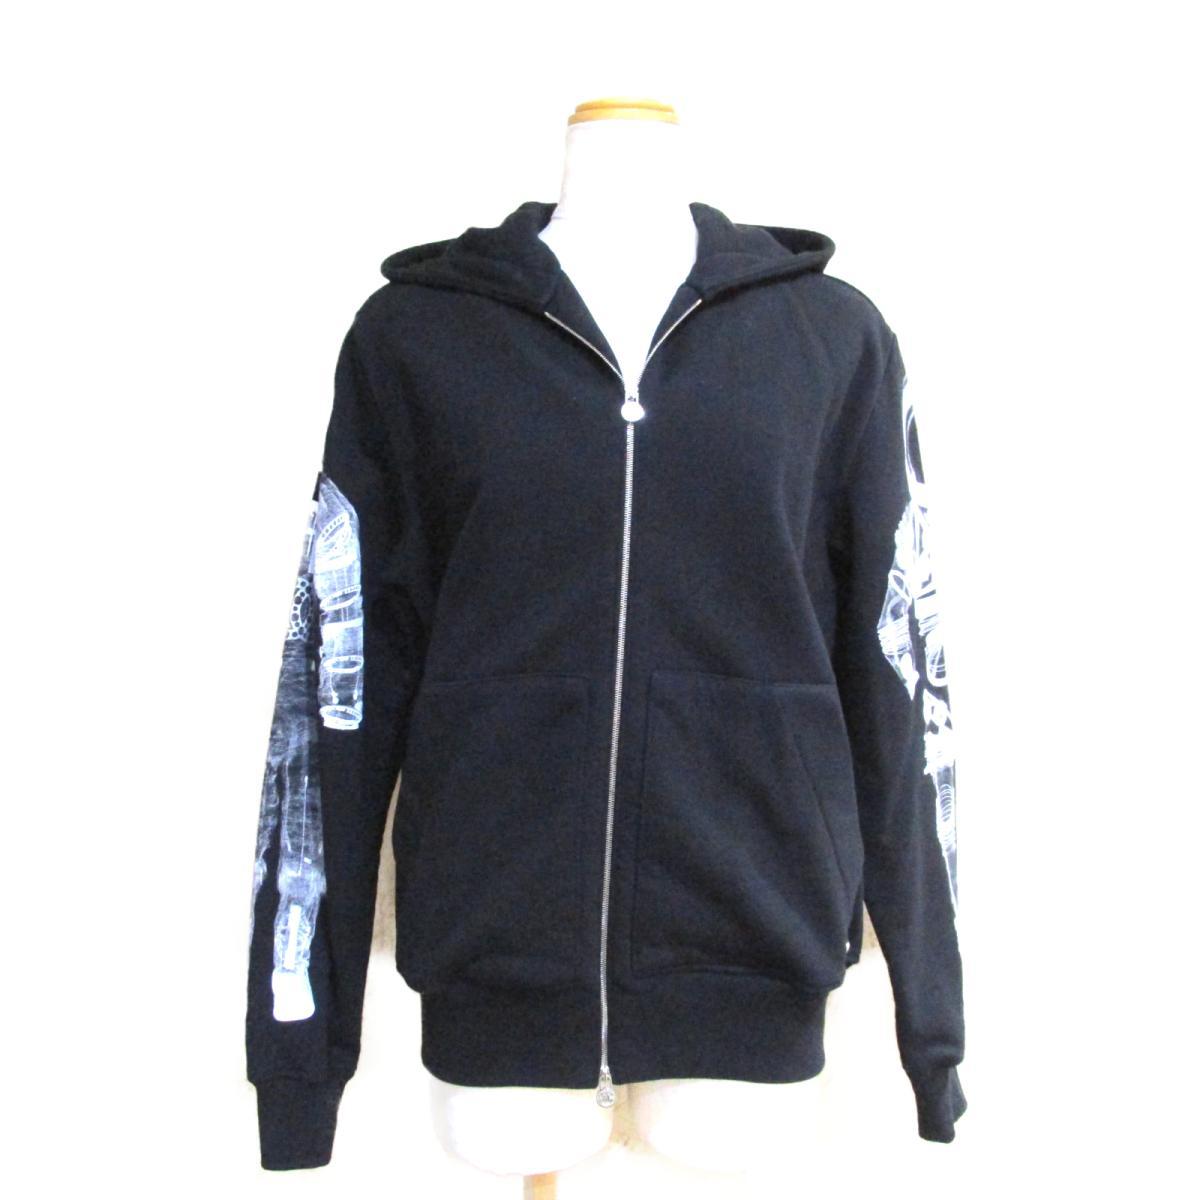 【中古】シャネル パーカー レディース コットン100% ブラック x ホワイト (P5746K07601) | CHANEL BRANDOFF ブランドオフ 衣料品 衣類 ブランド トップス